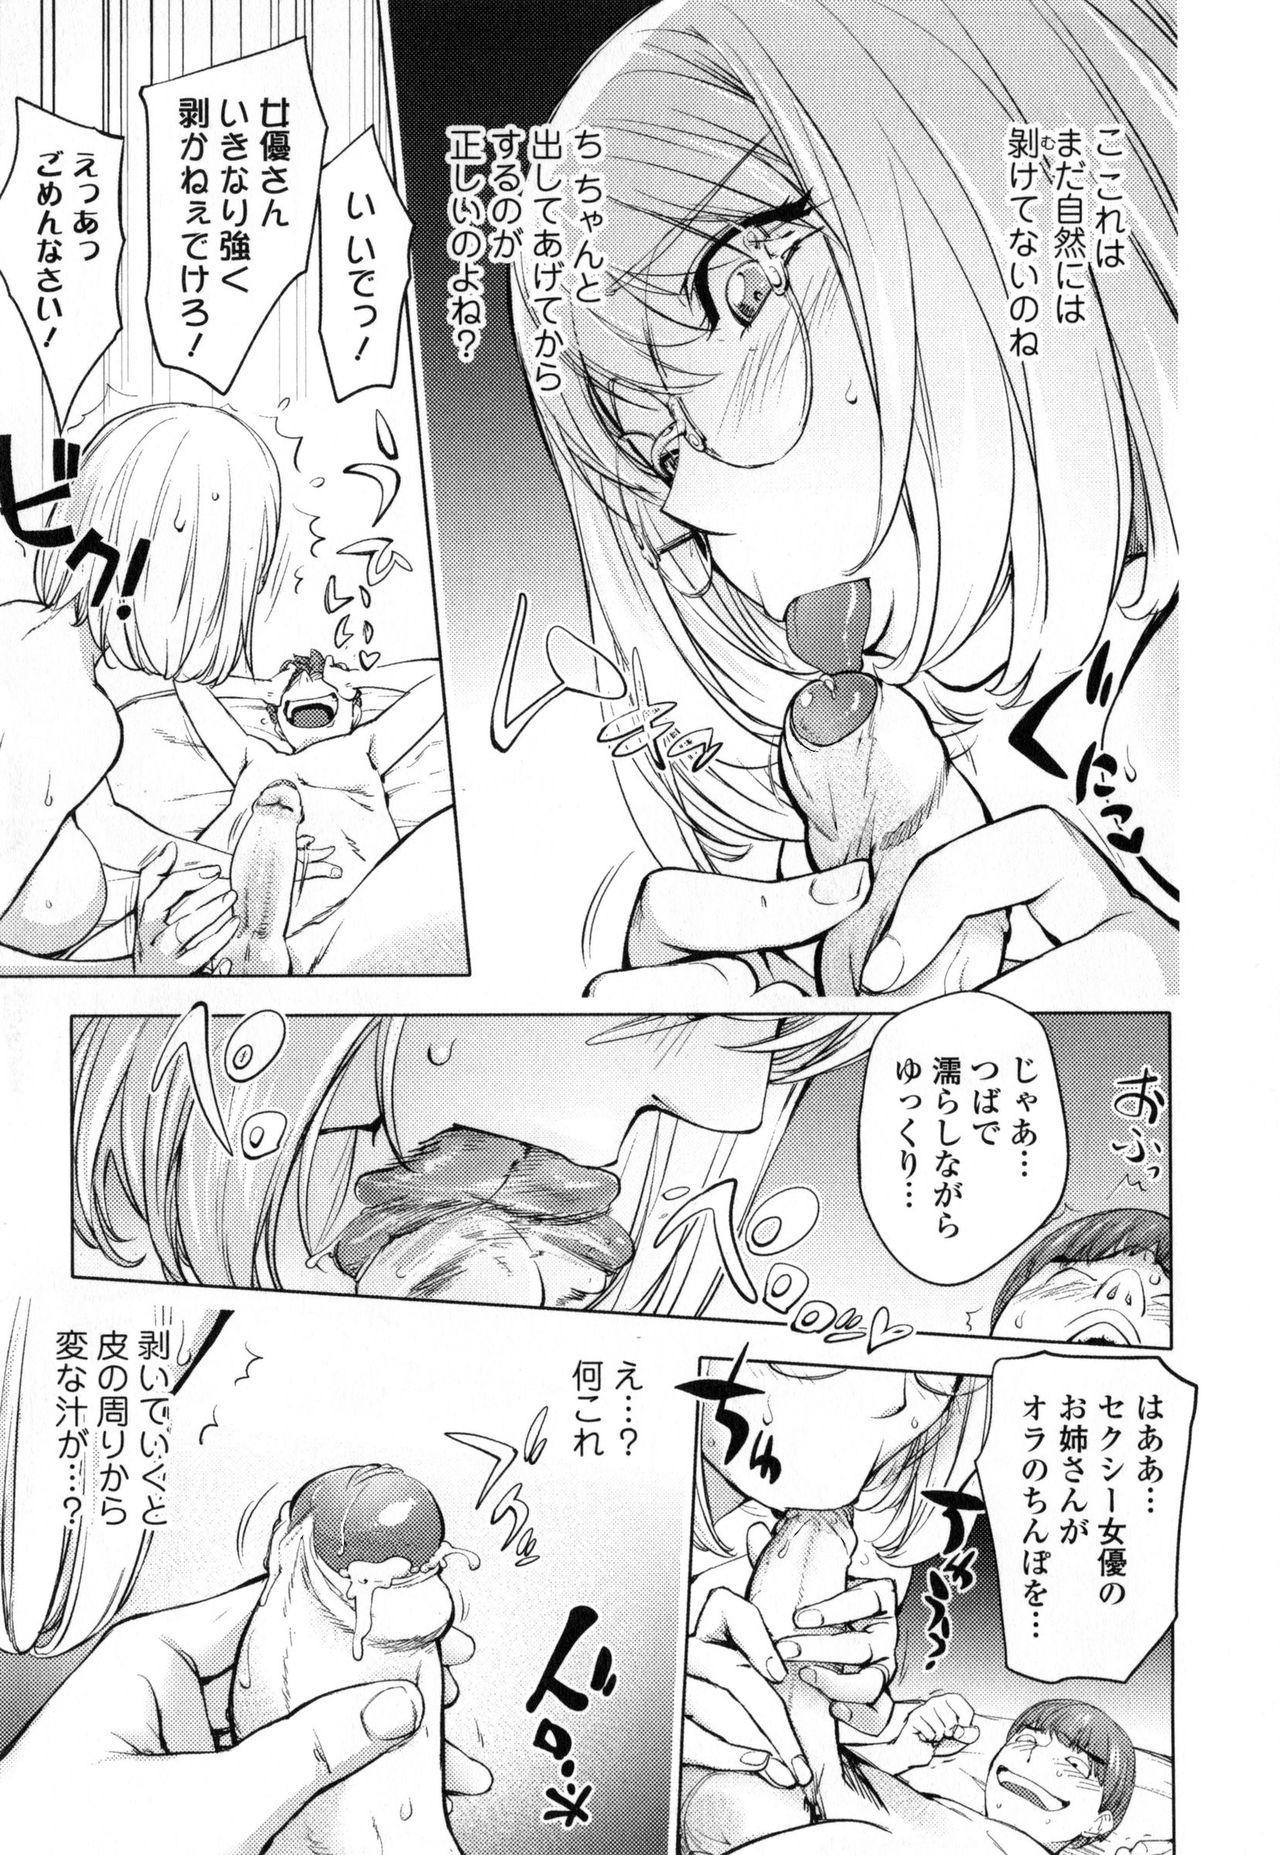 Yurushite Anata... 43